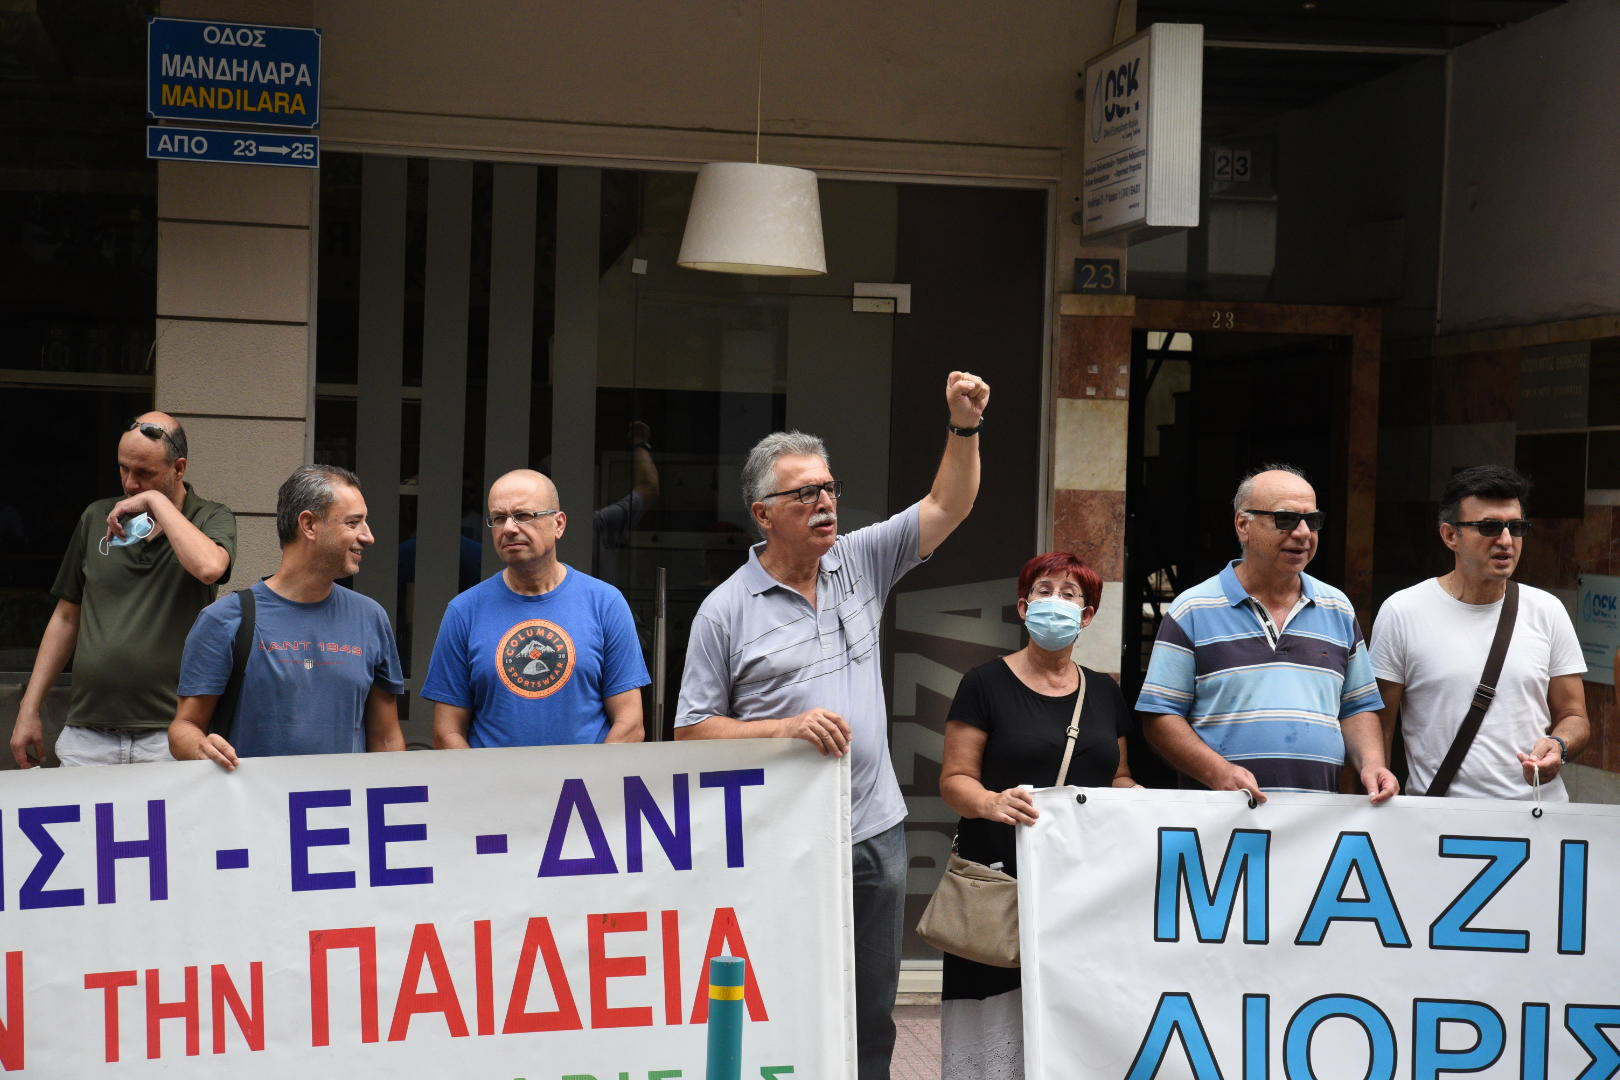 Νέα διαμαρτυρία εκπαιδευτικών στη Λάρισα - Ζητούν μέτρα για την ασφαλή λειτουργία των σχολείων και σπάσιμο τμημάτων (φωτο - βίντεο)